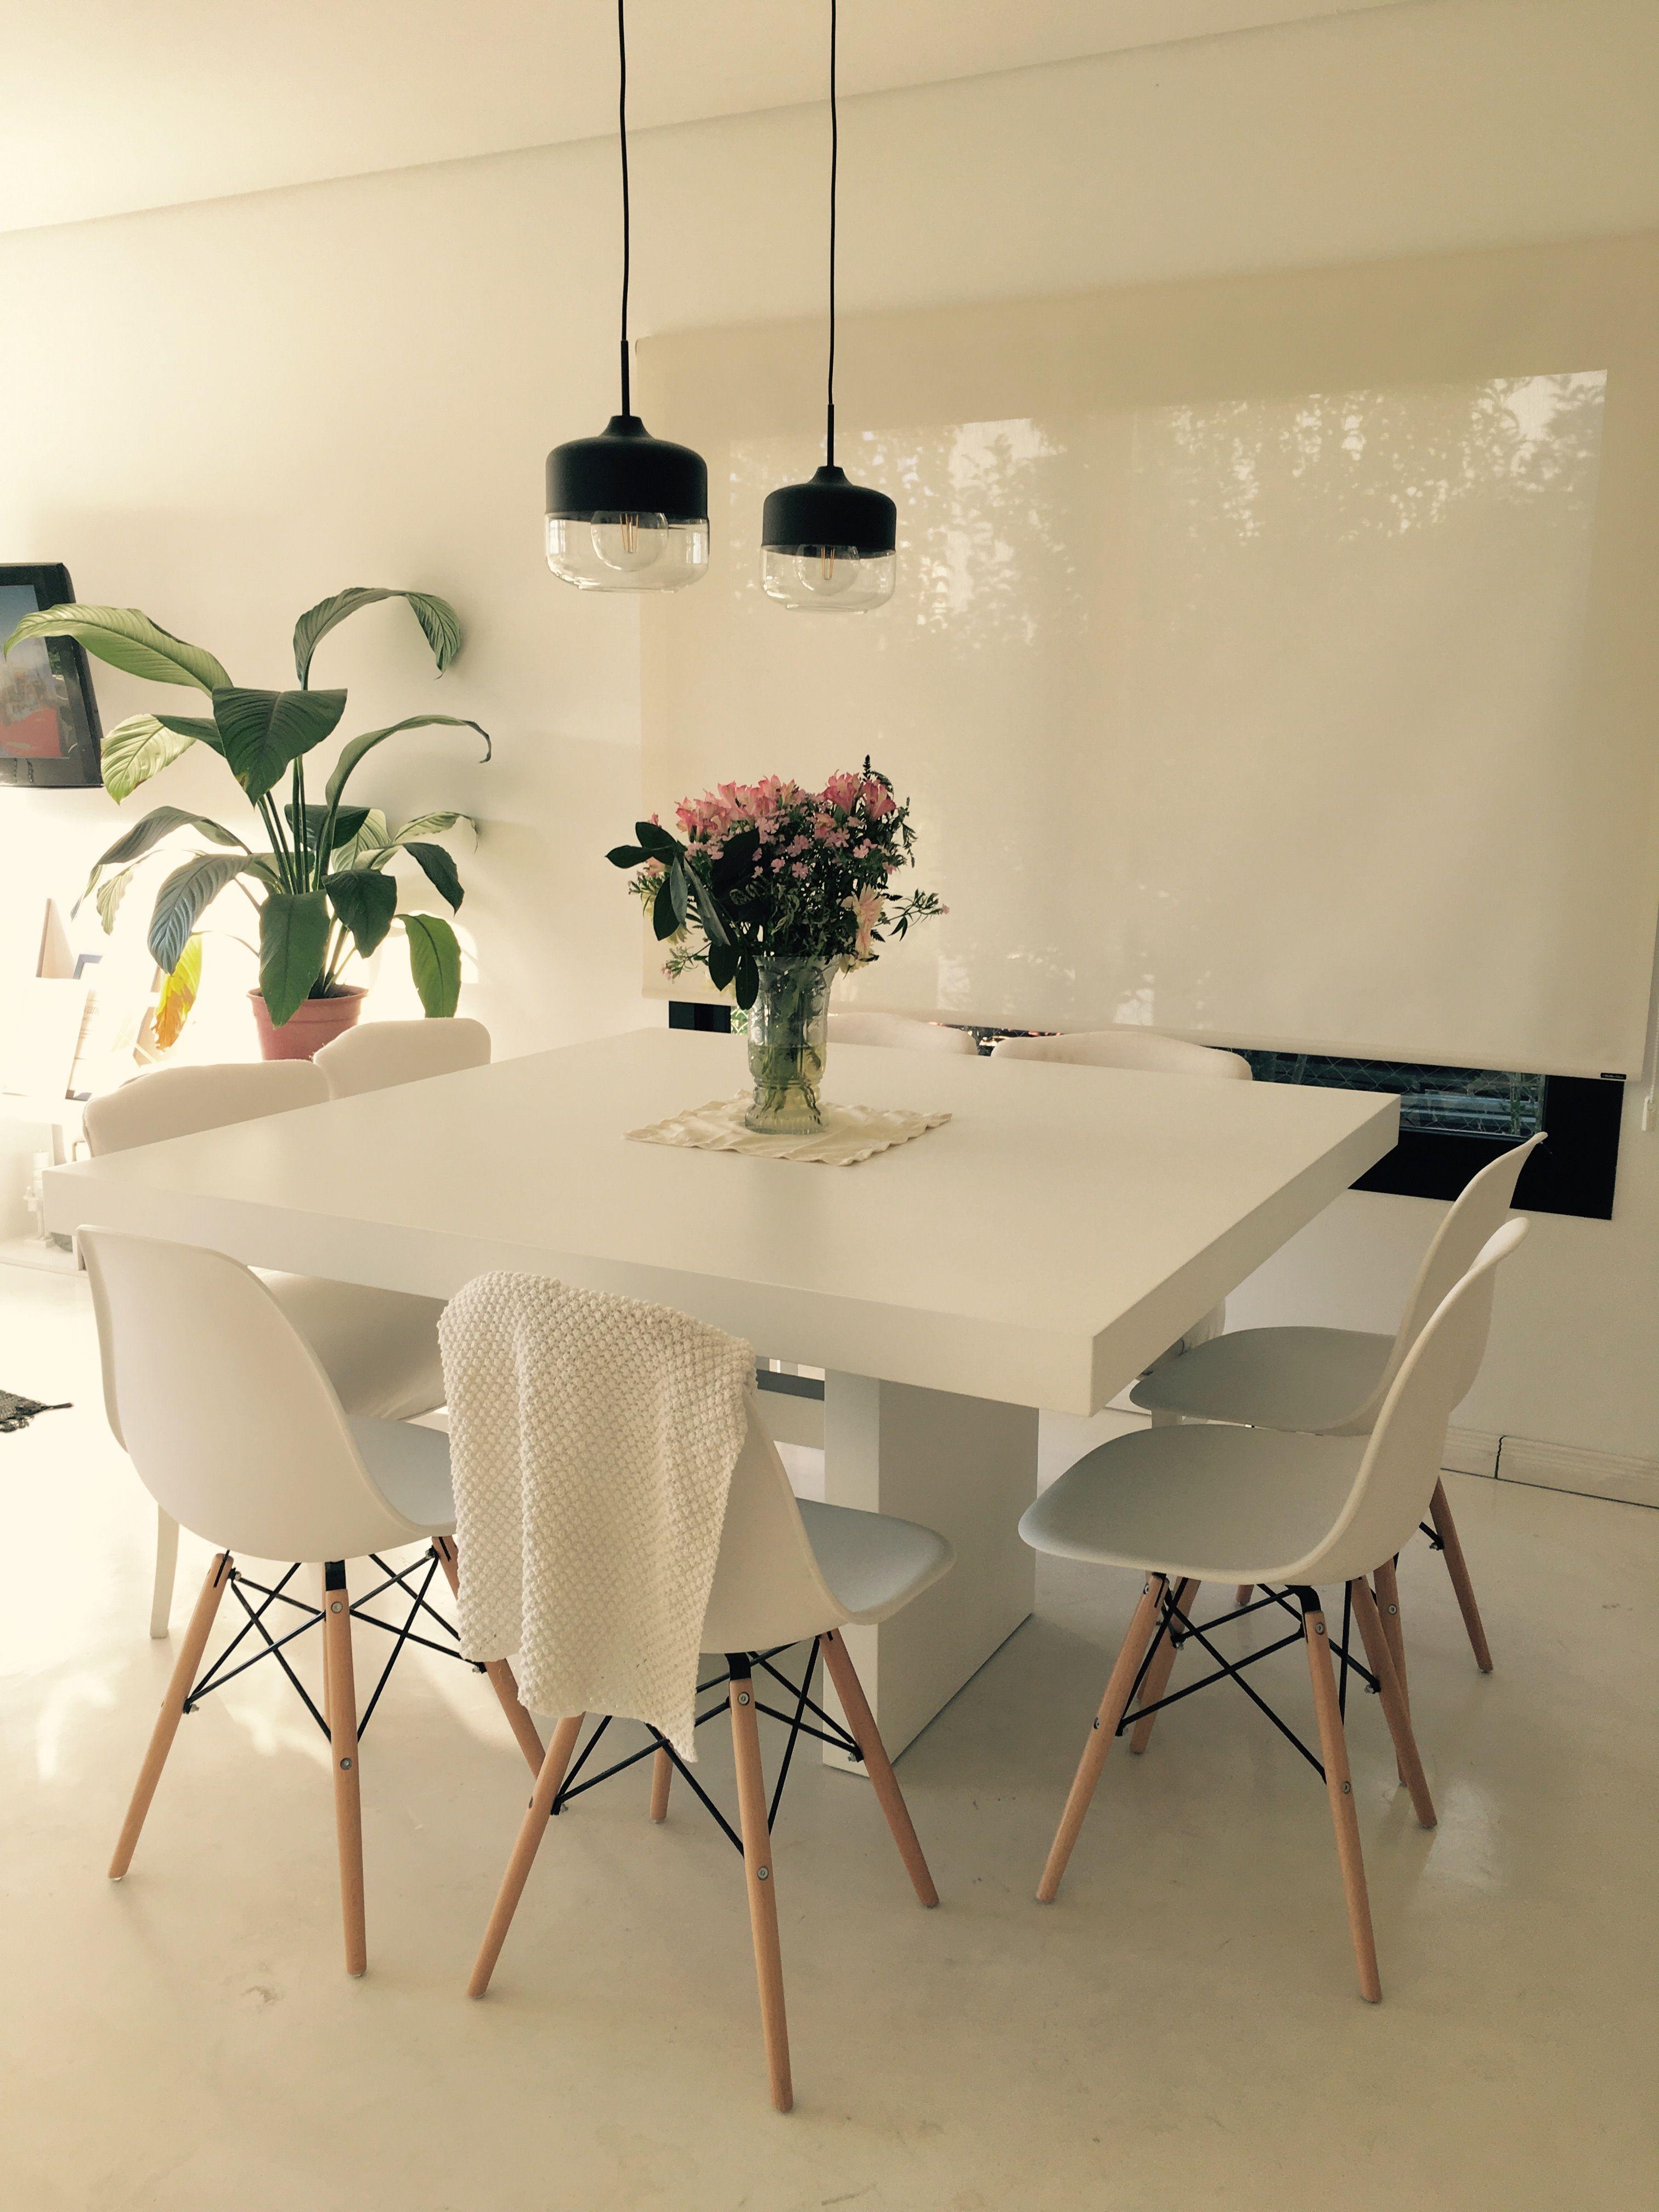 Pin von Maru Caldani auf Home Deco | Pinterest | Esszimmer ...